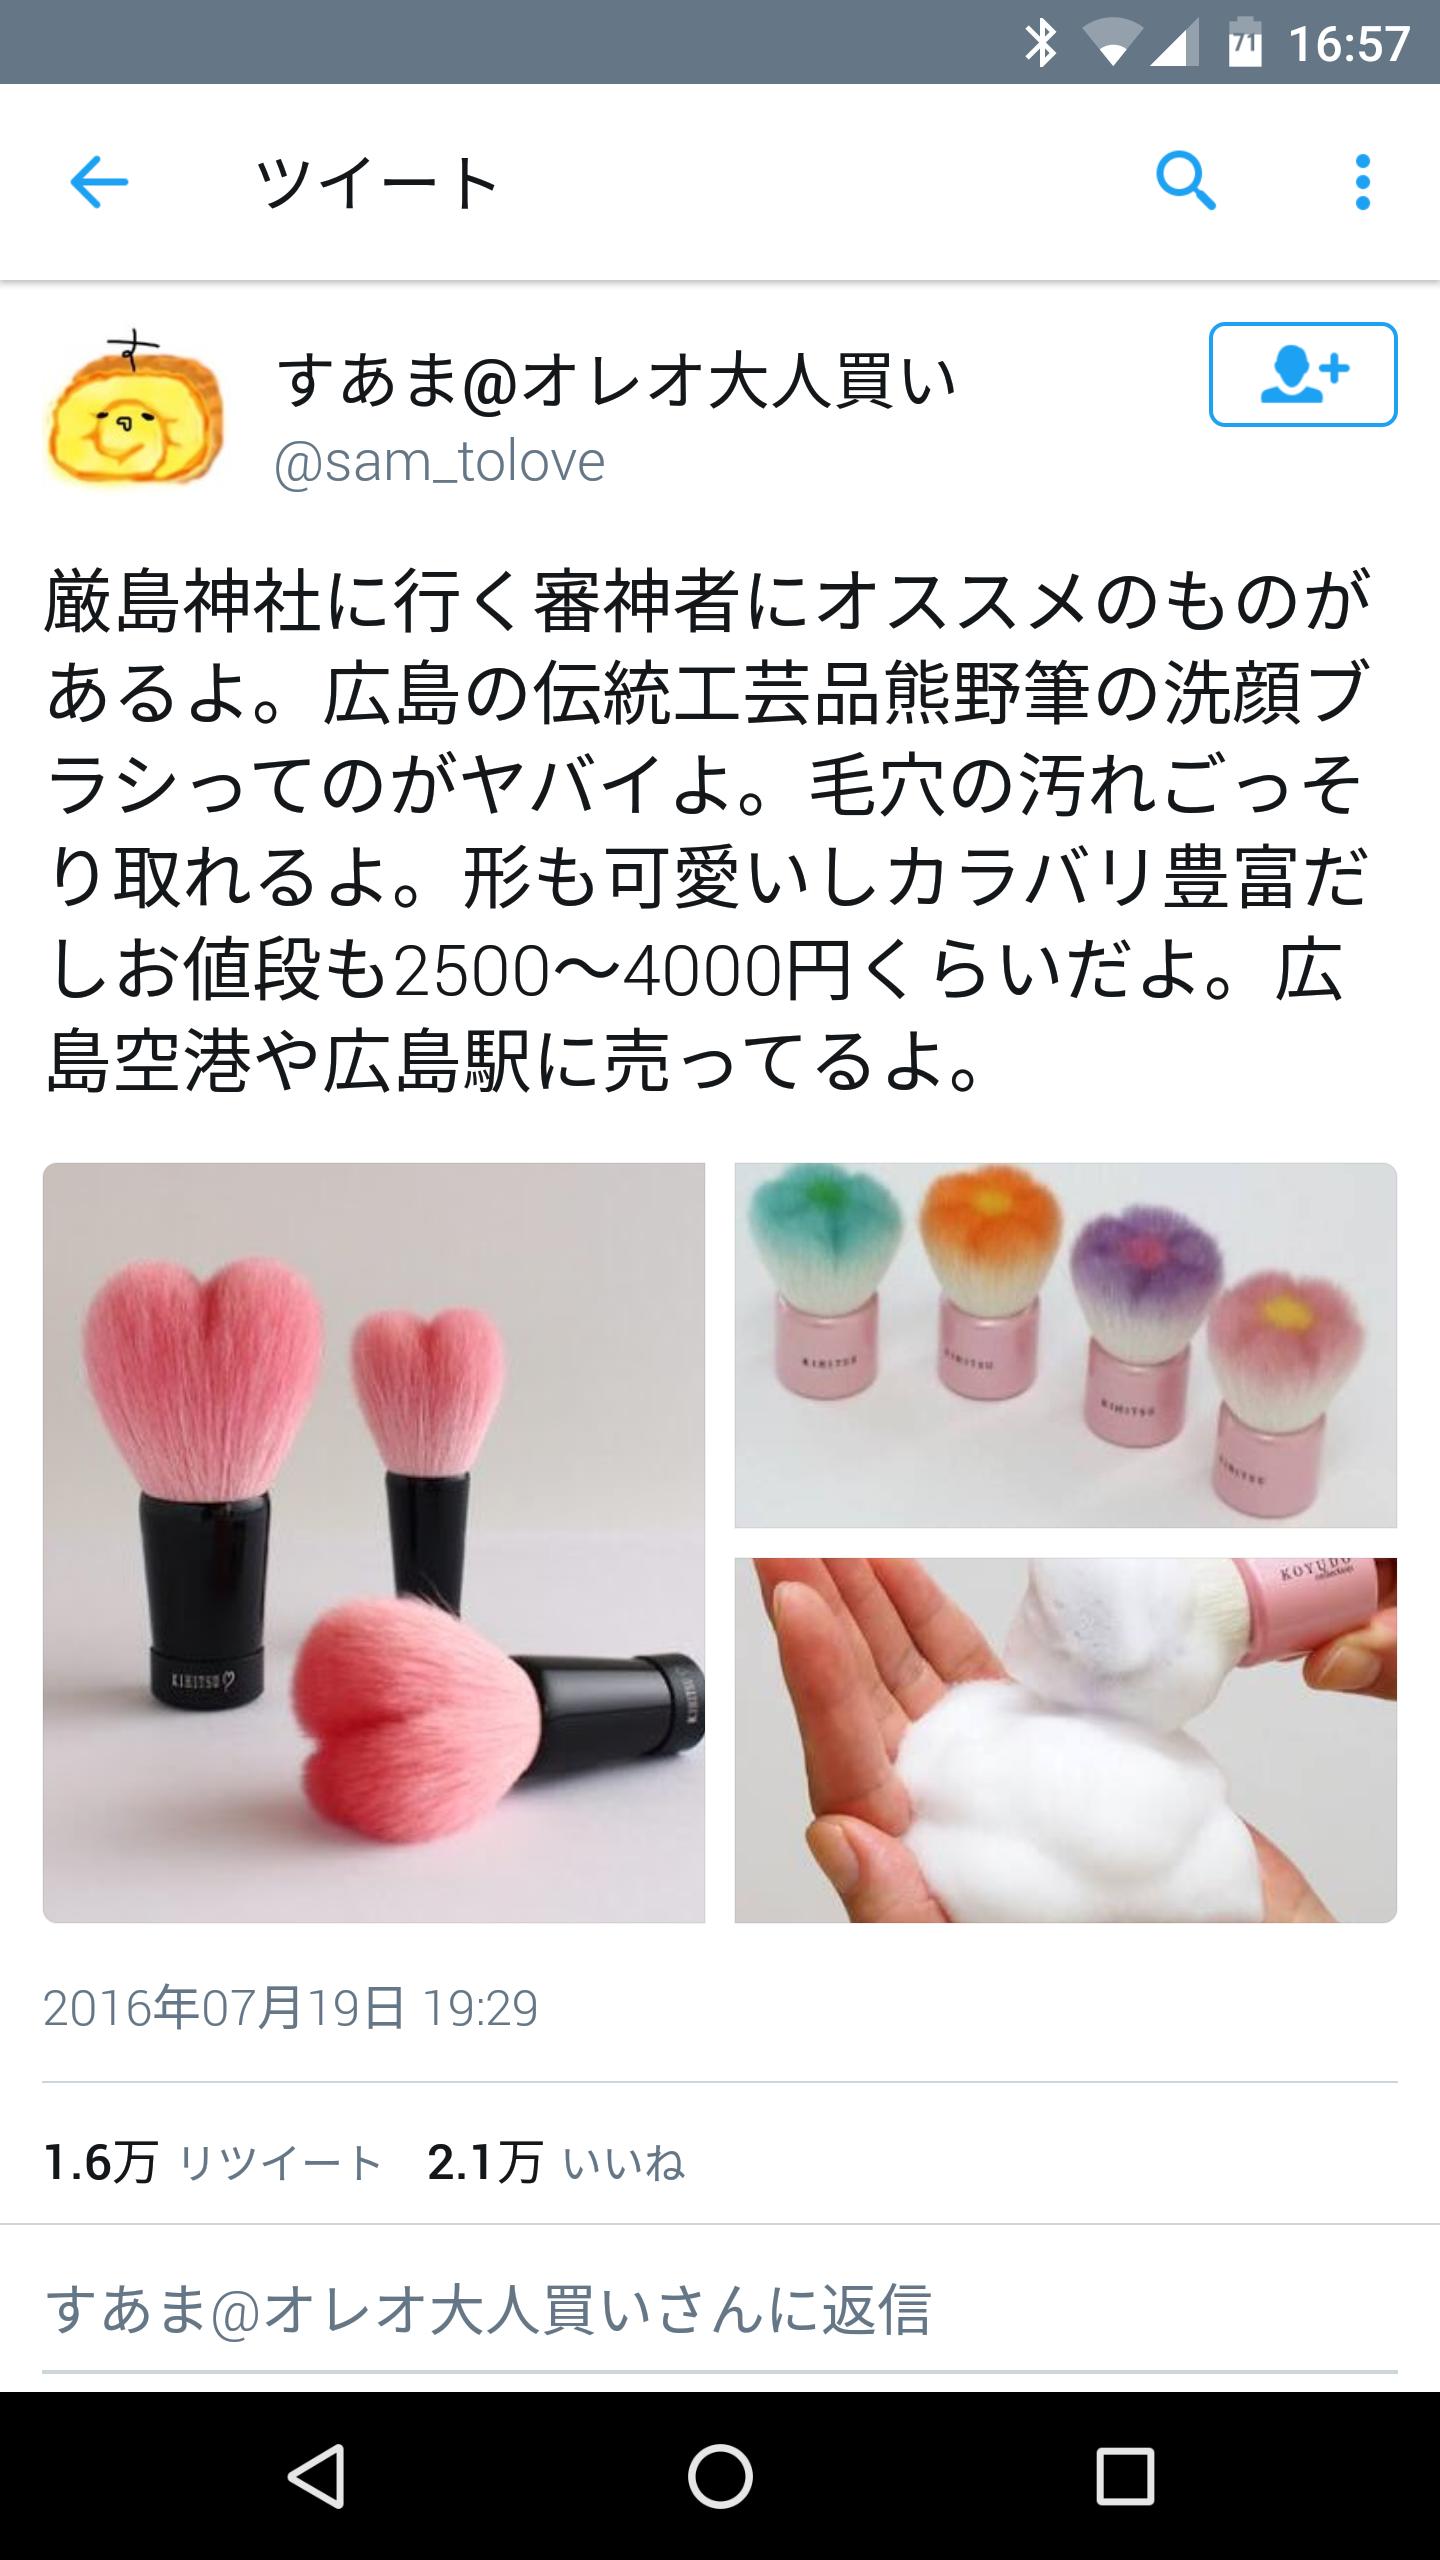 洗顔ブラシ使ってますか?